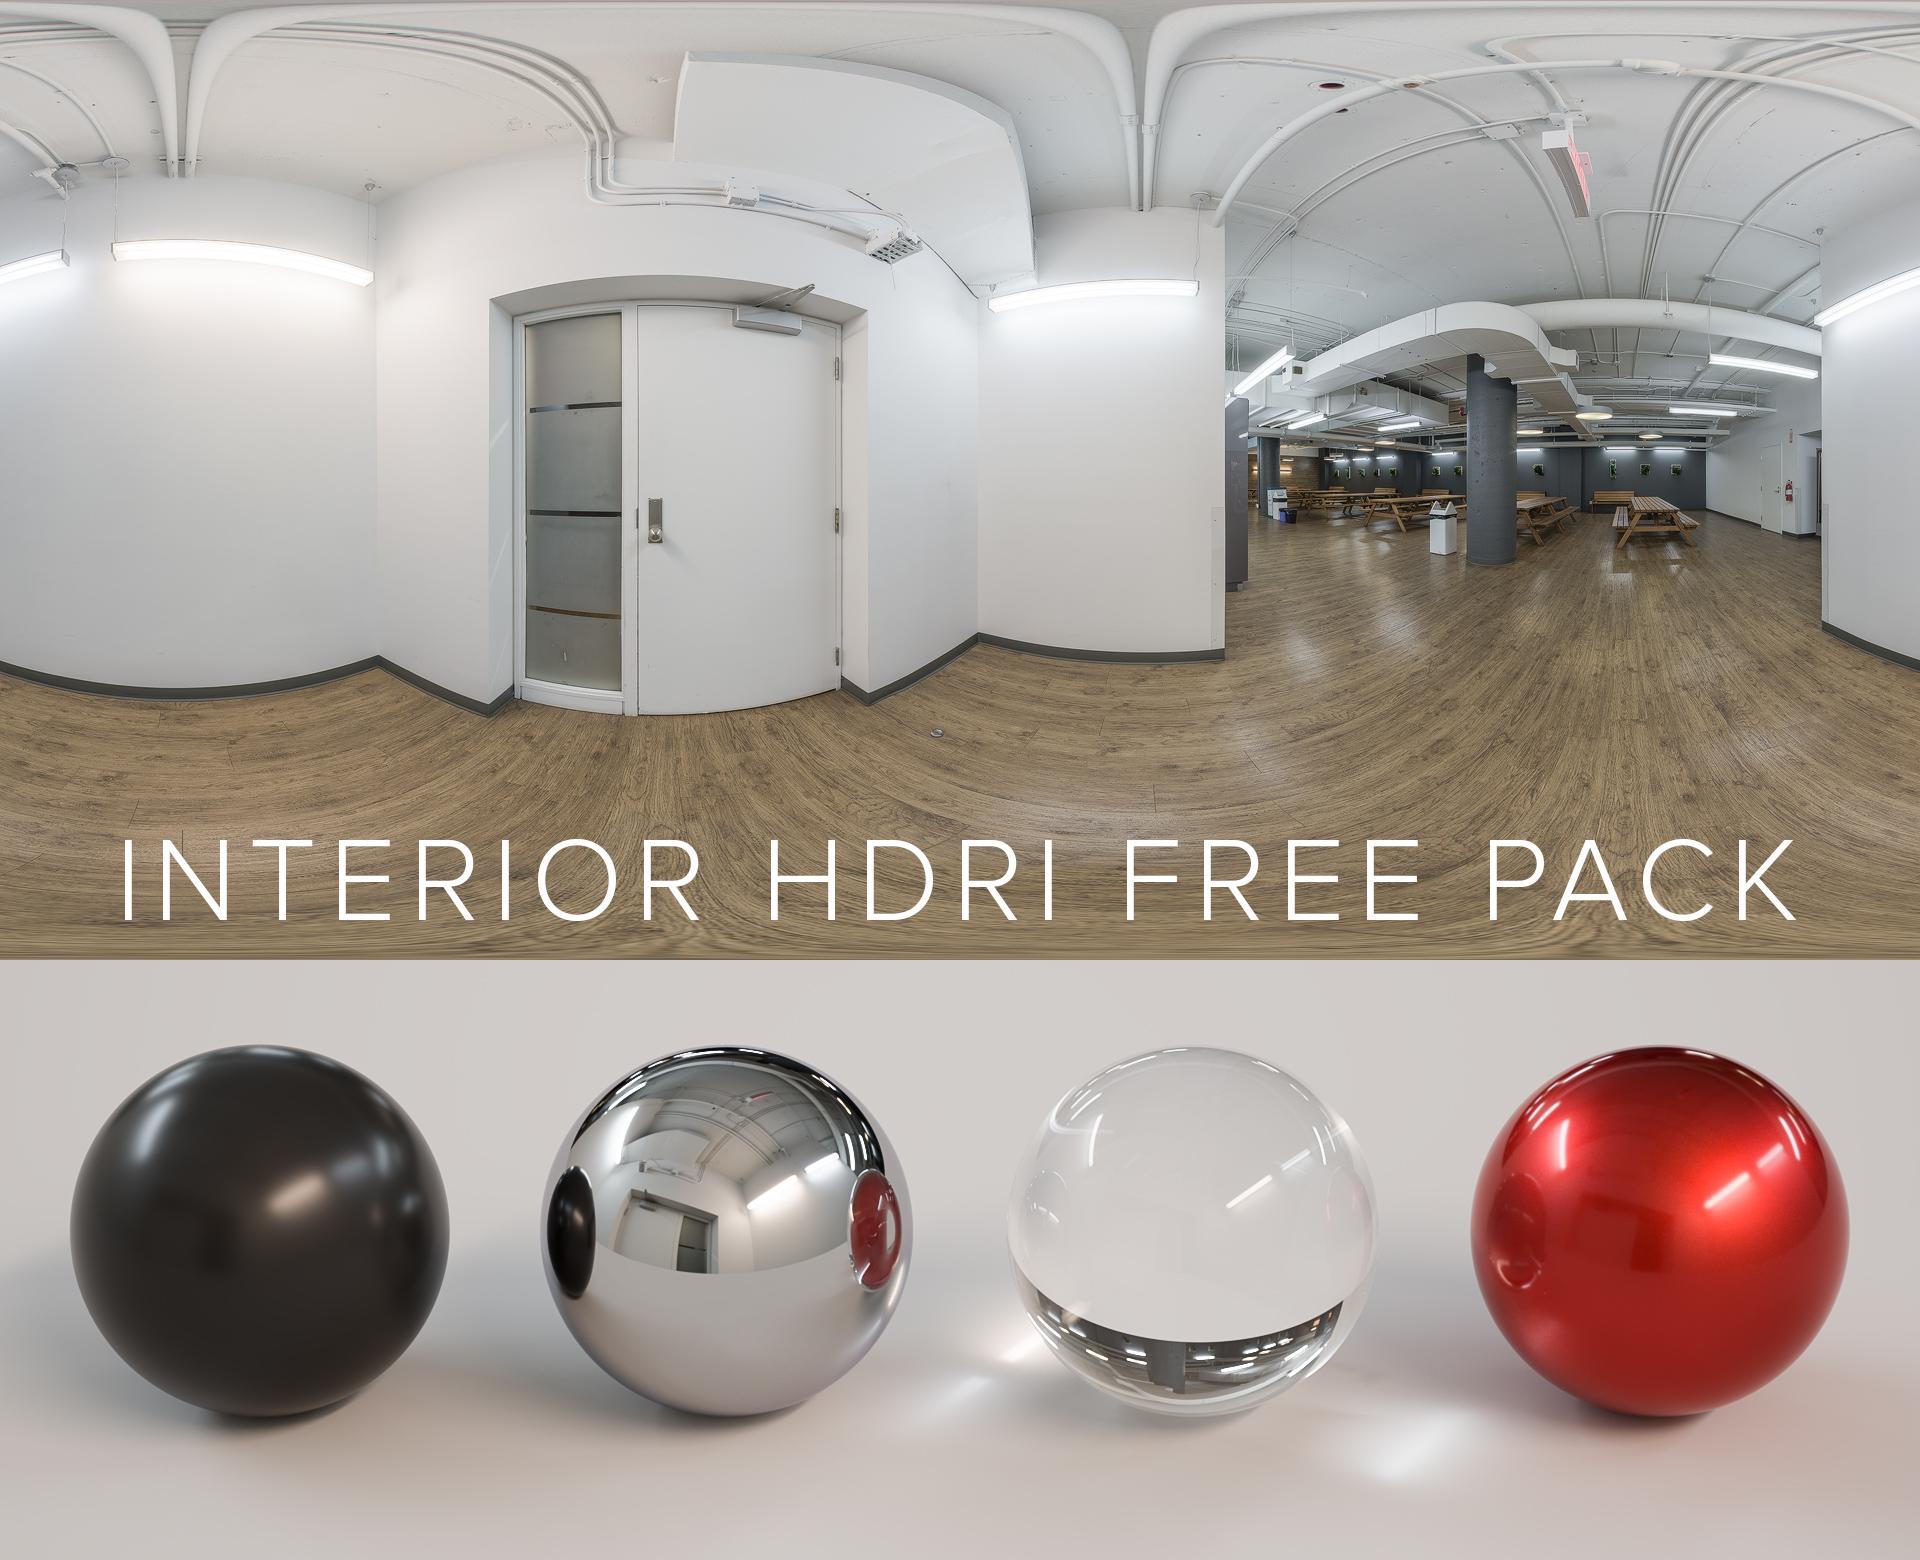 interior_hdri_free_pack-preview.jpg